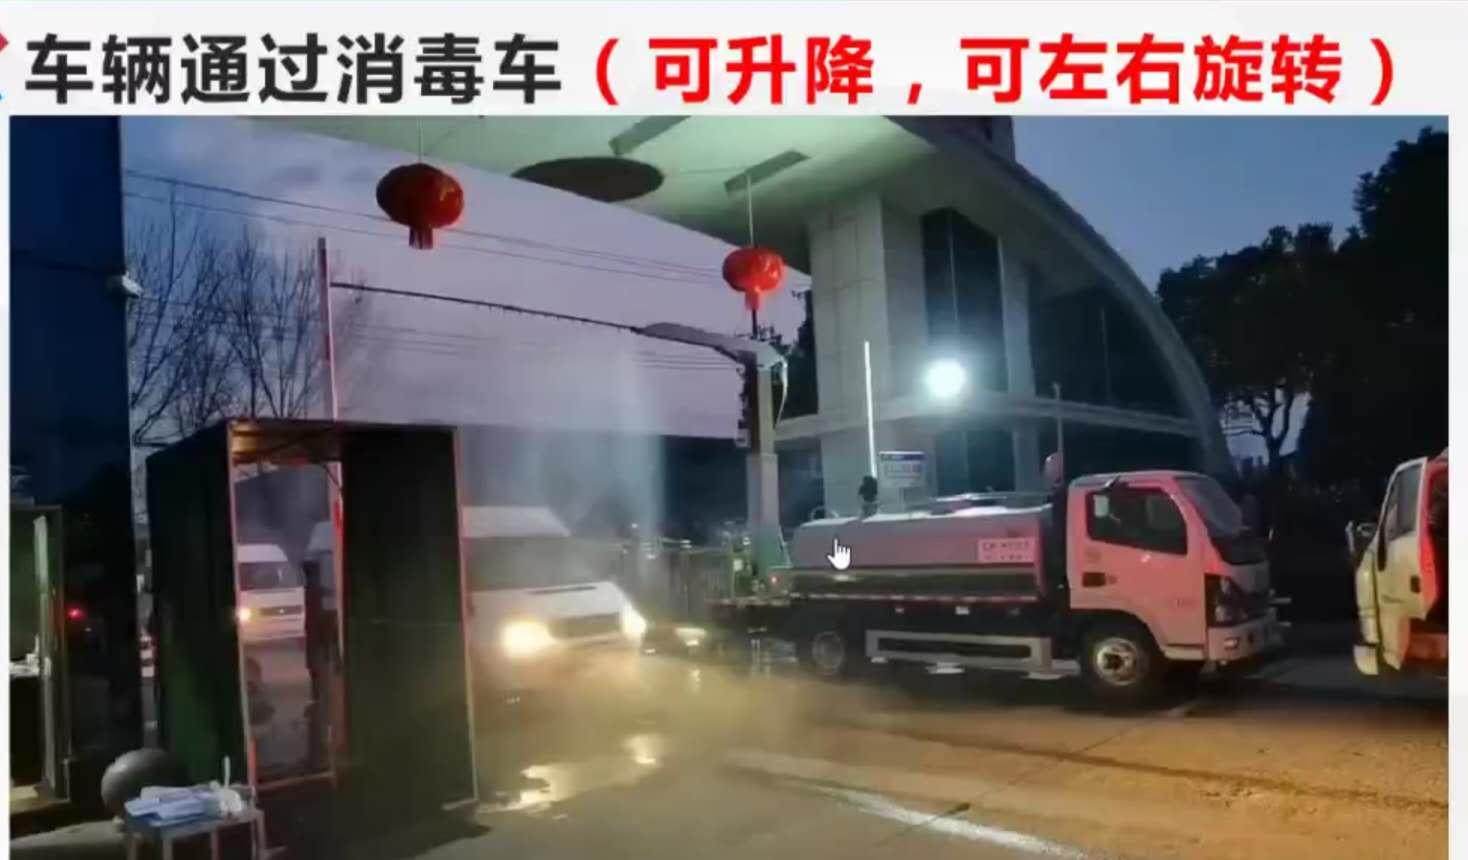 车辆通过消毒车,消毒方便快捷视频